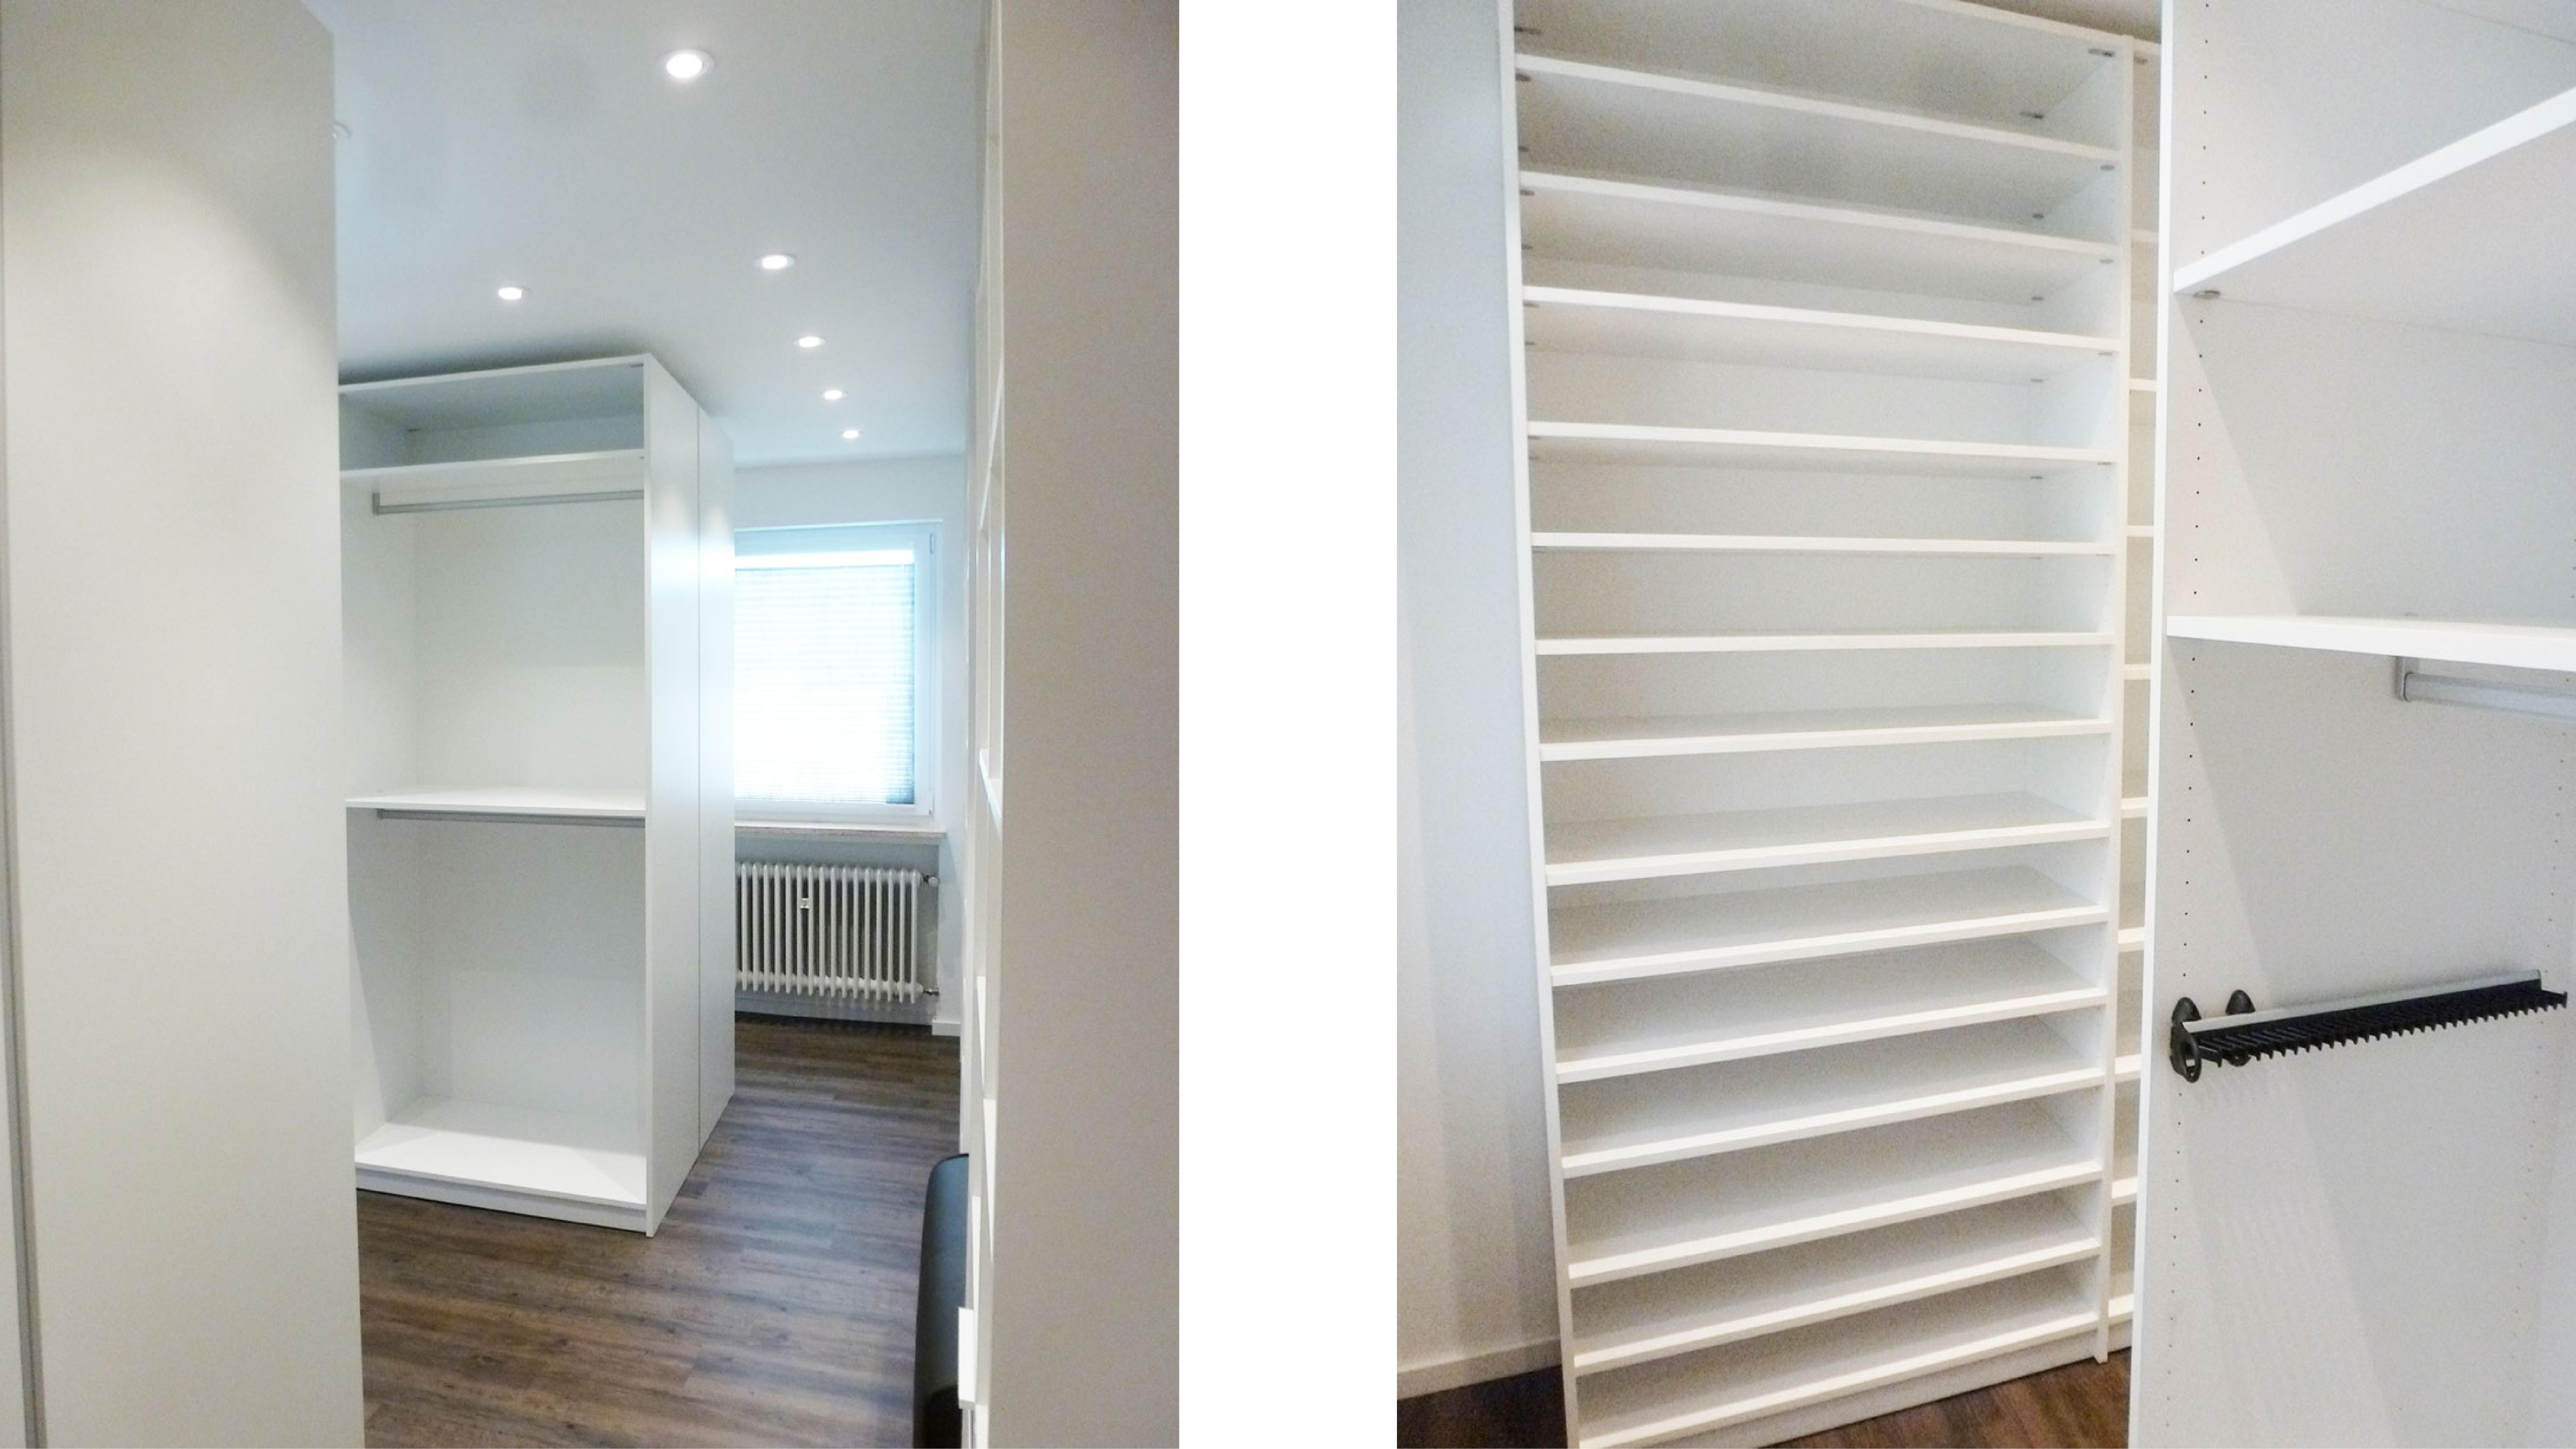 Schlafzimmer/Ankleidezimmer Kronach | Vivere!